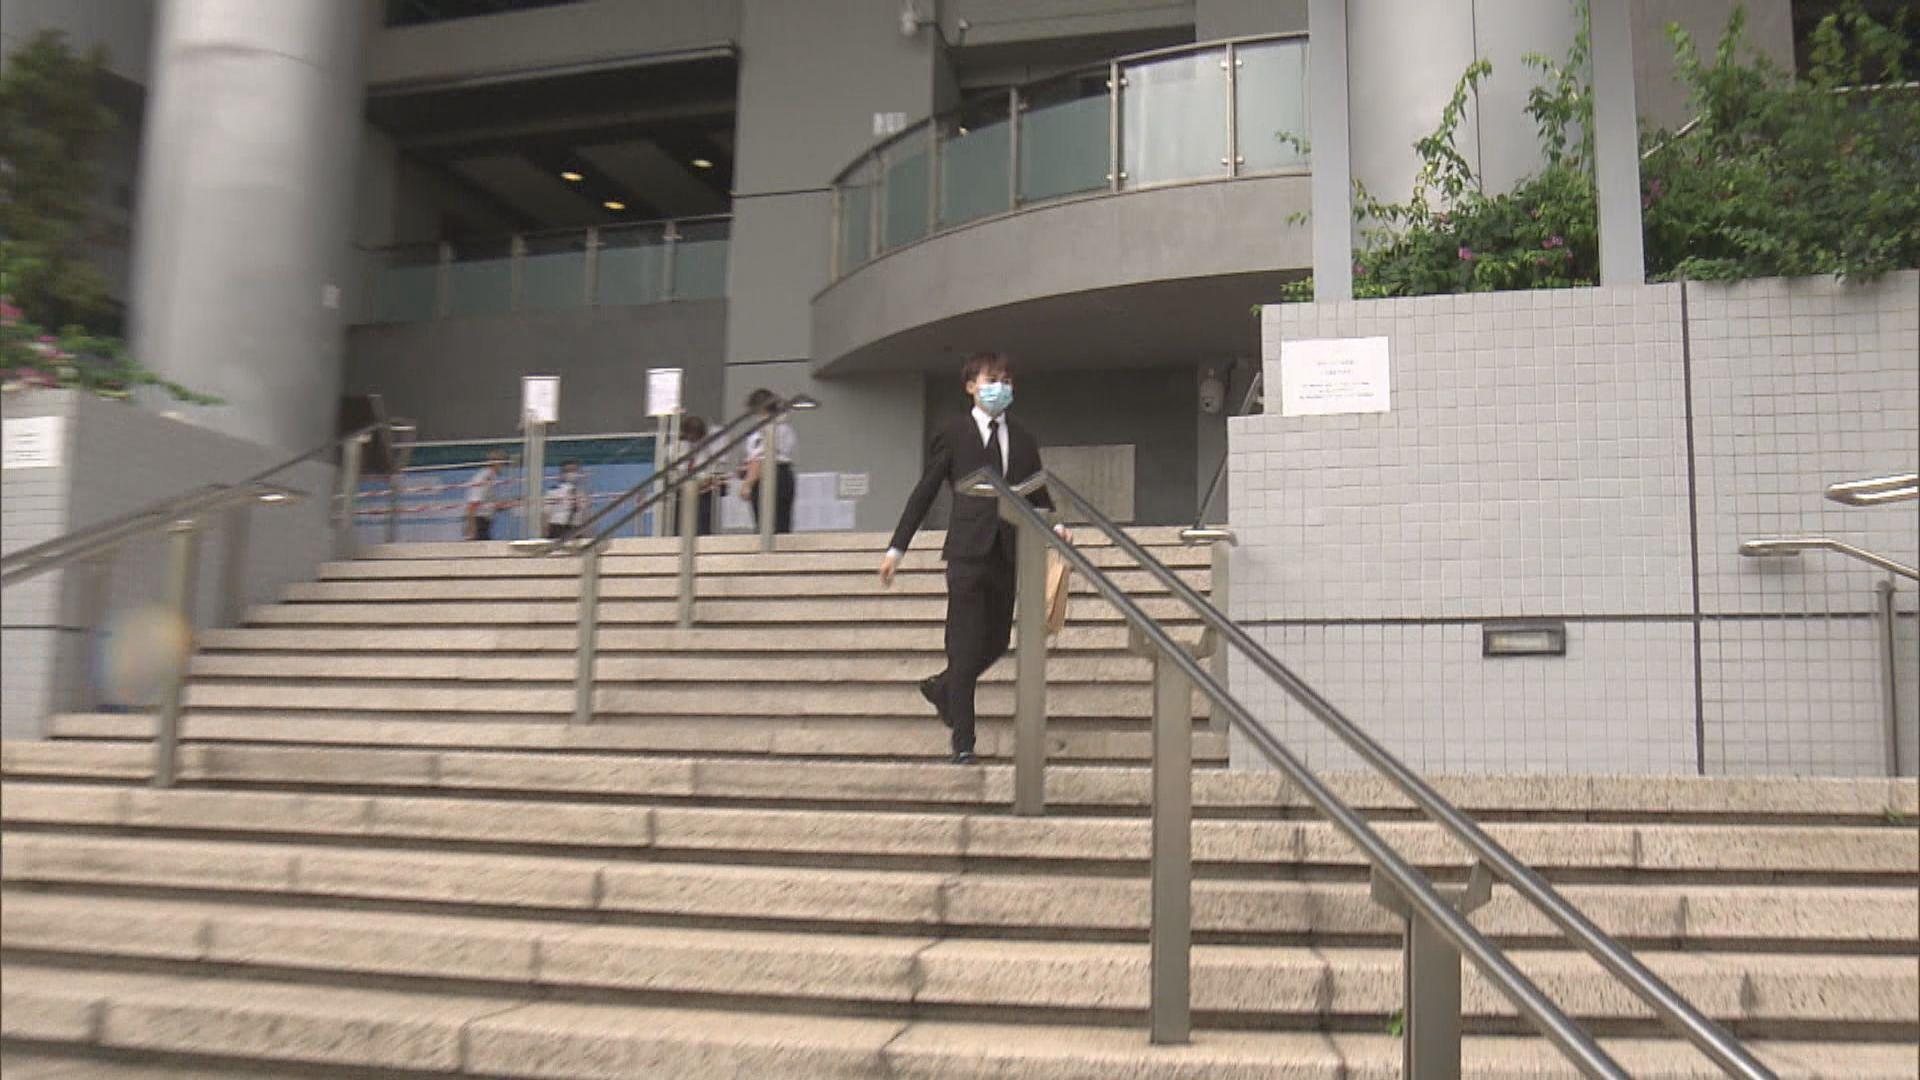 17歲少年以磚襲警 認罪判12個月感化令